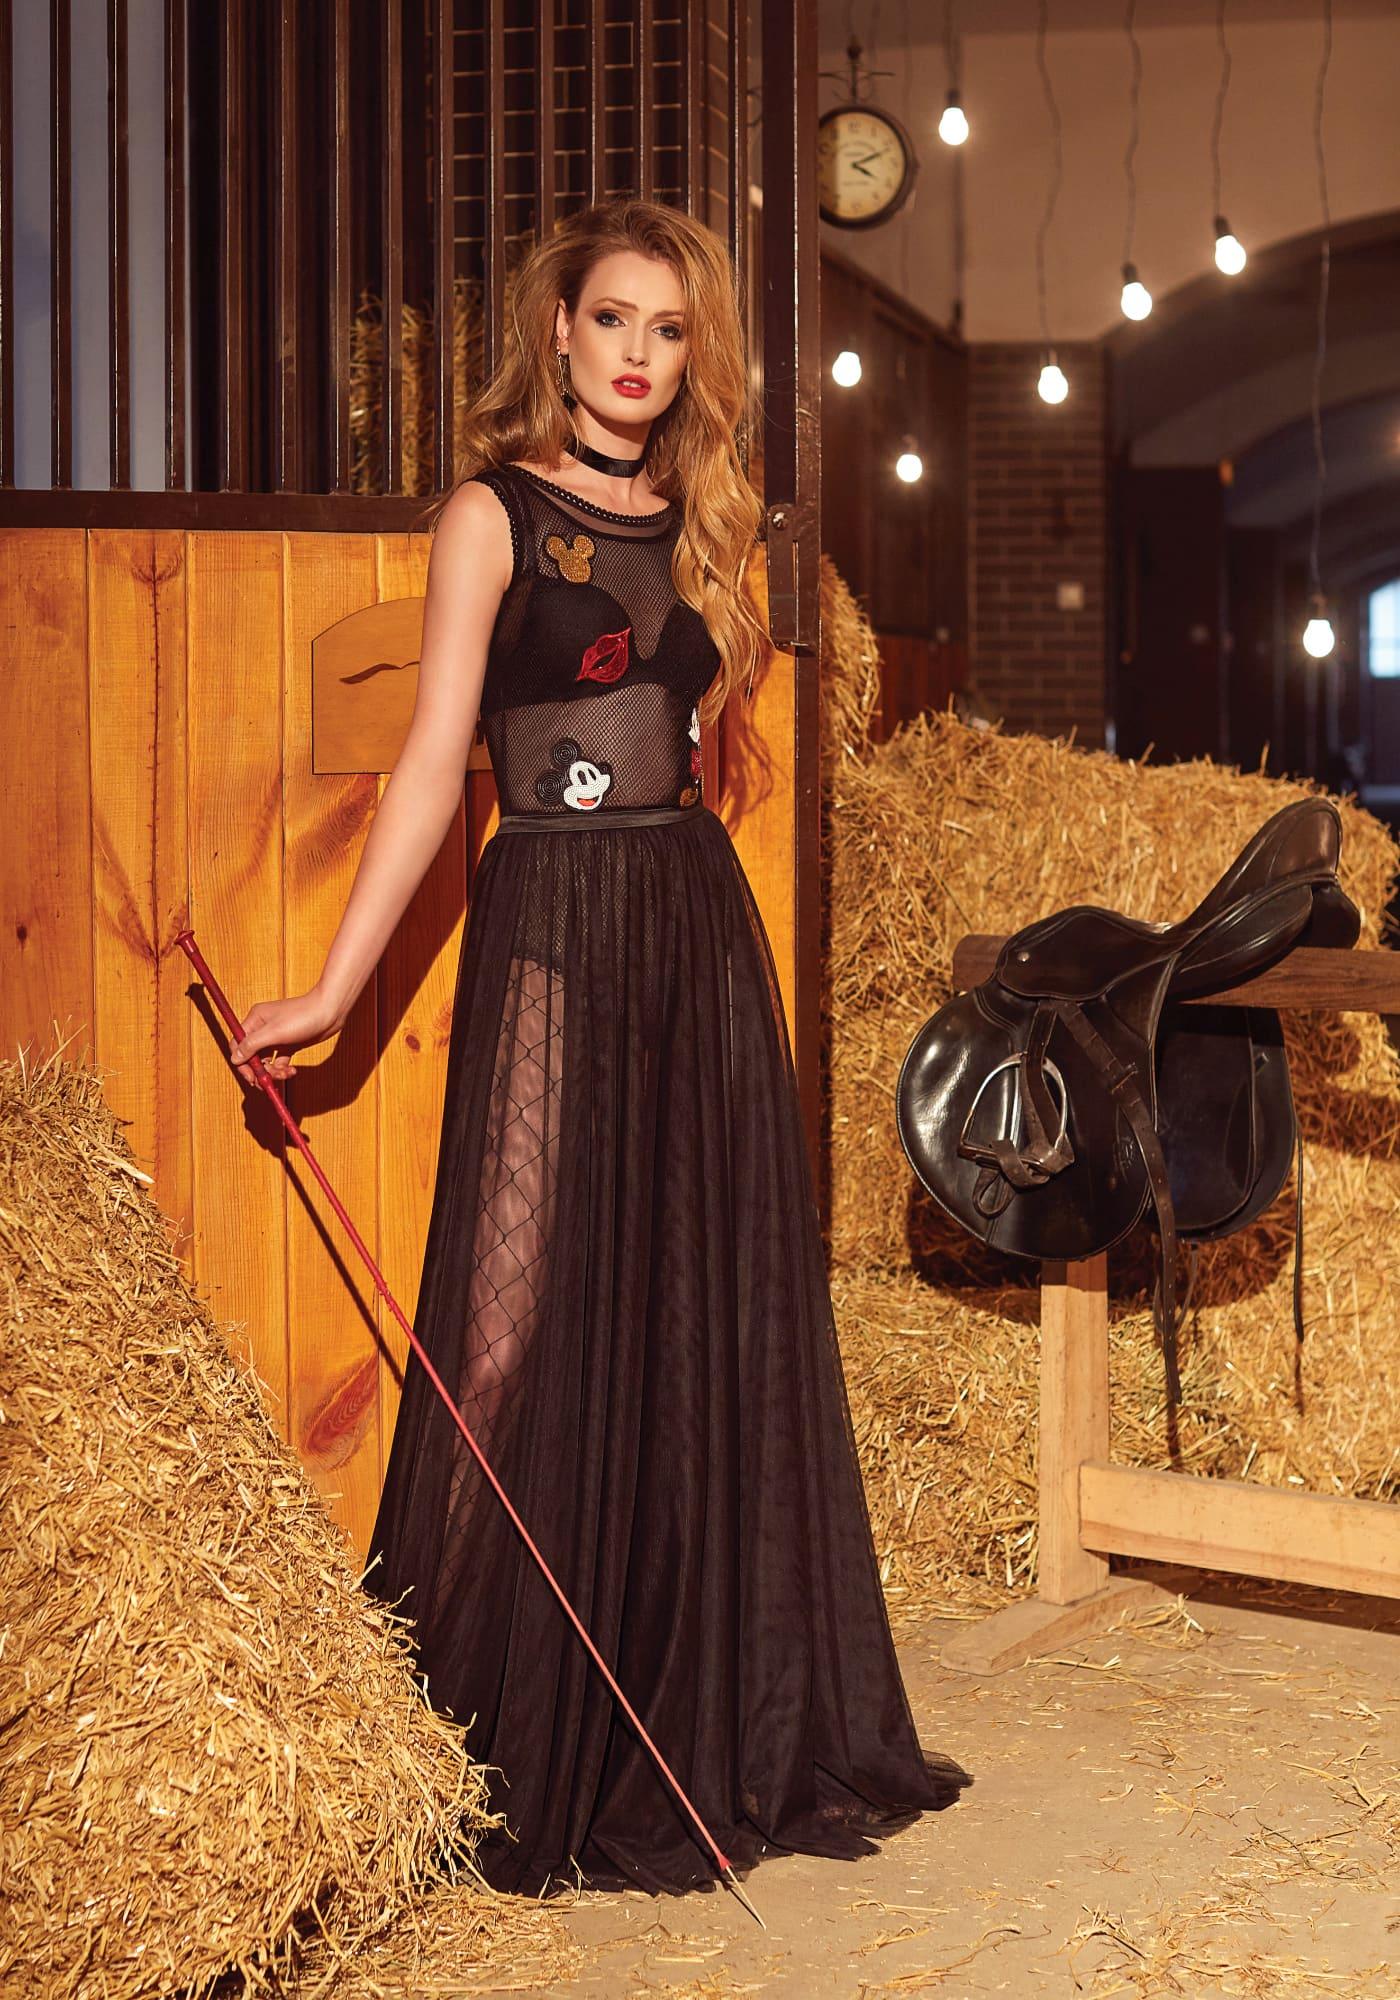 244d1f159d7 Оригинальное вечернее платье черного цвета с цветными аппликациями и  высоким разрезом на юбке.